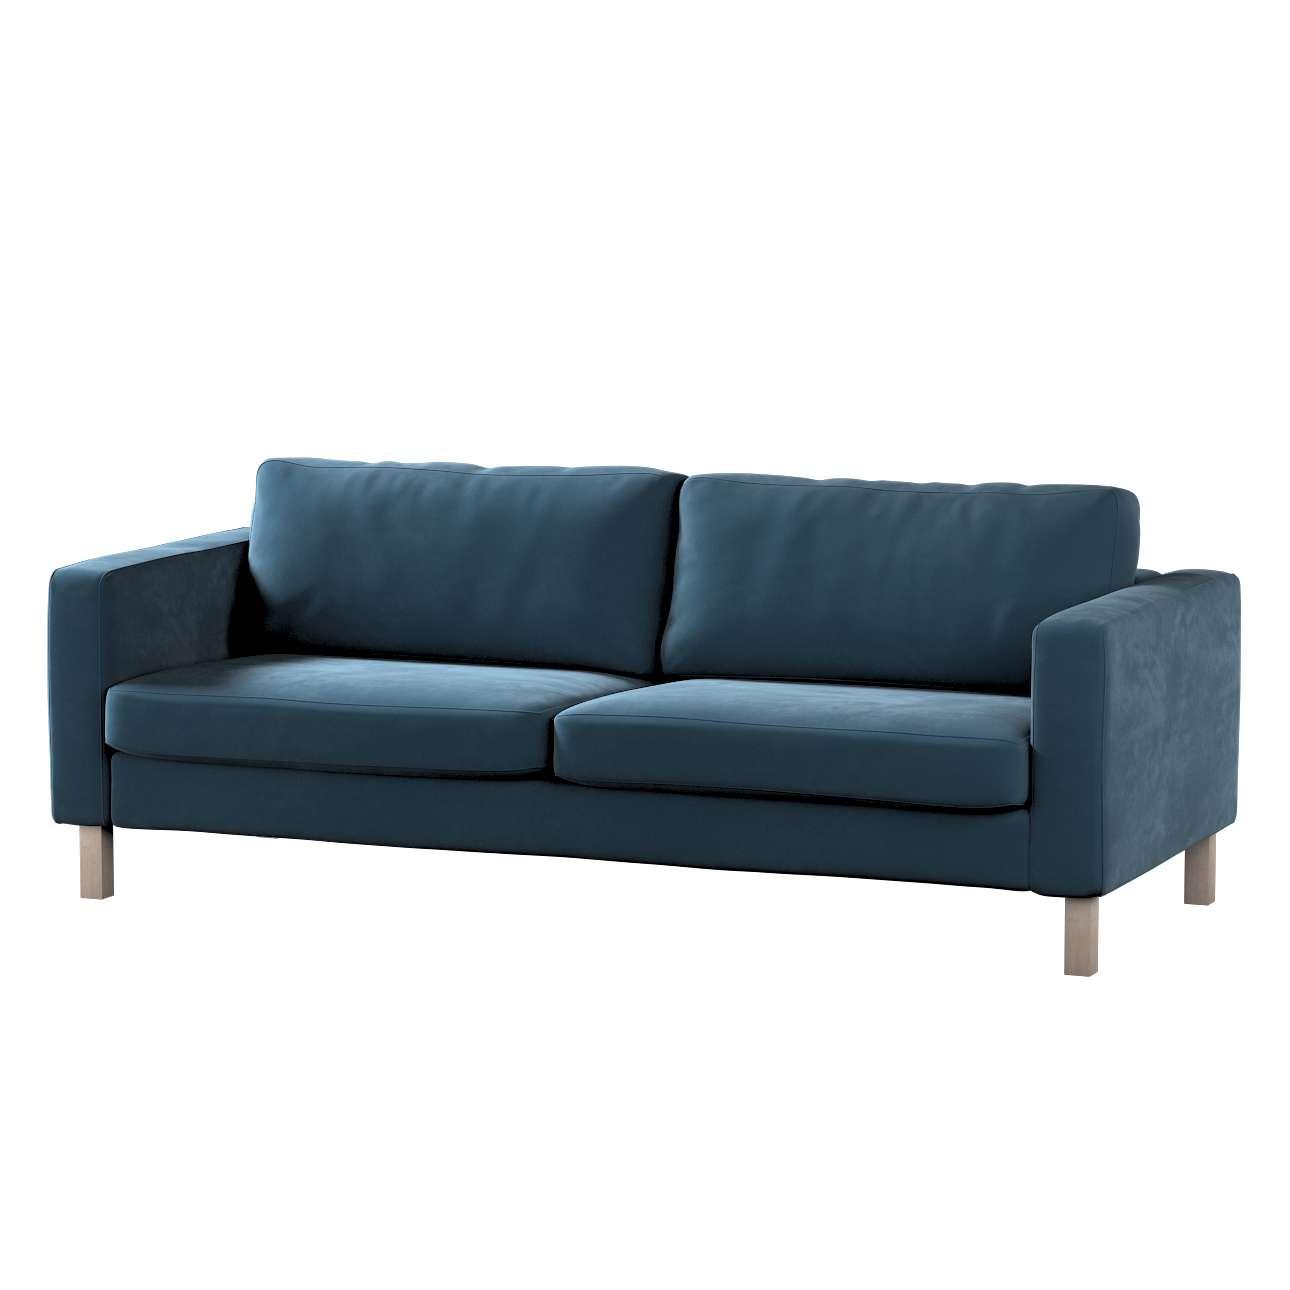 Pokrowiec na sofę Karlstad rozkładaną w kolekcji Velvet, tkanina: 704-16